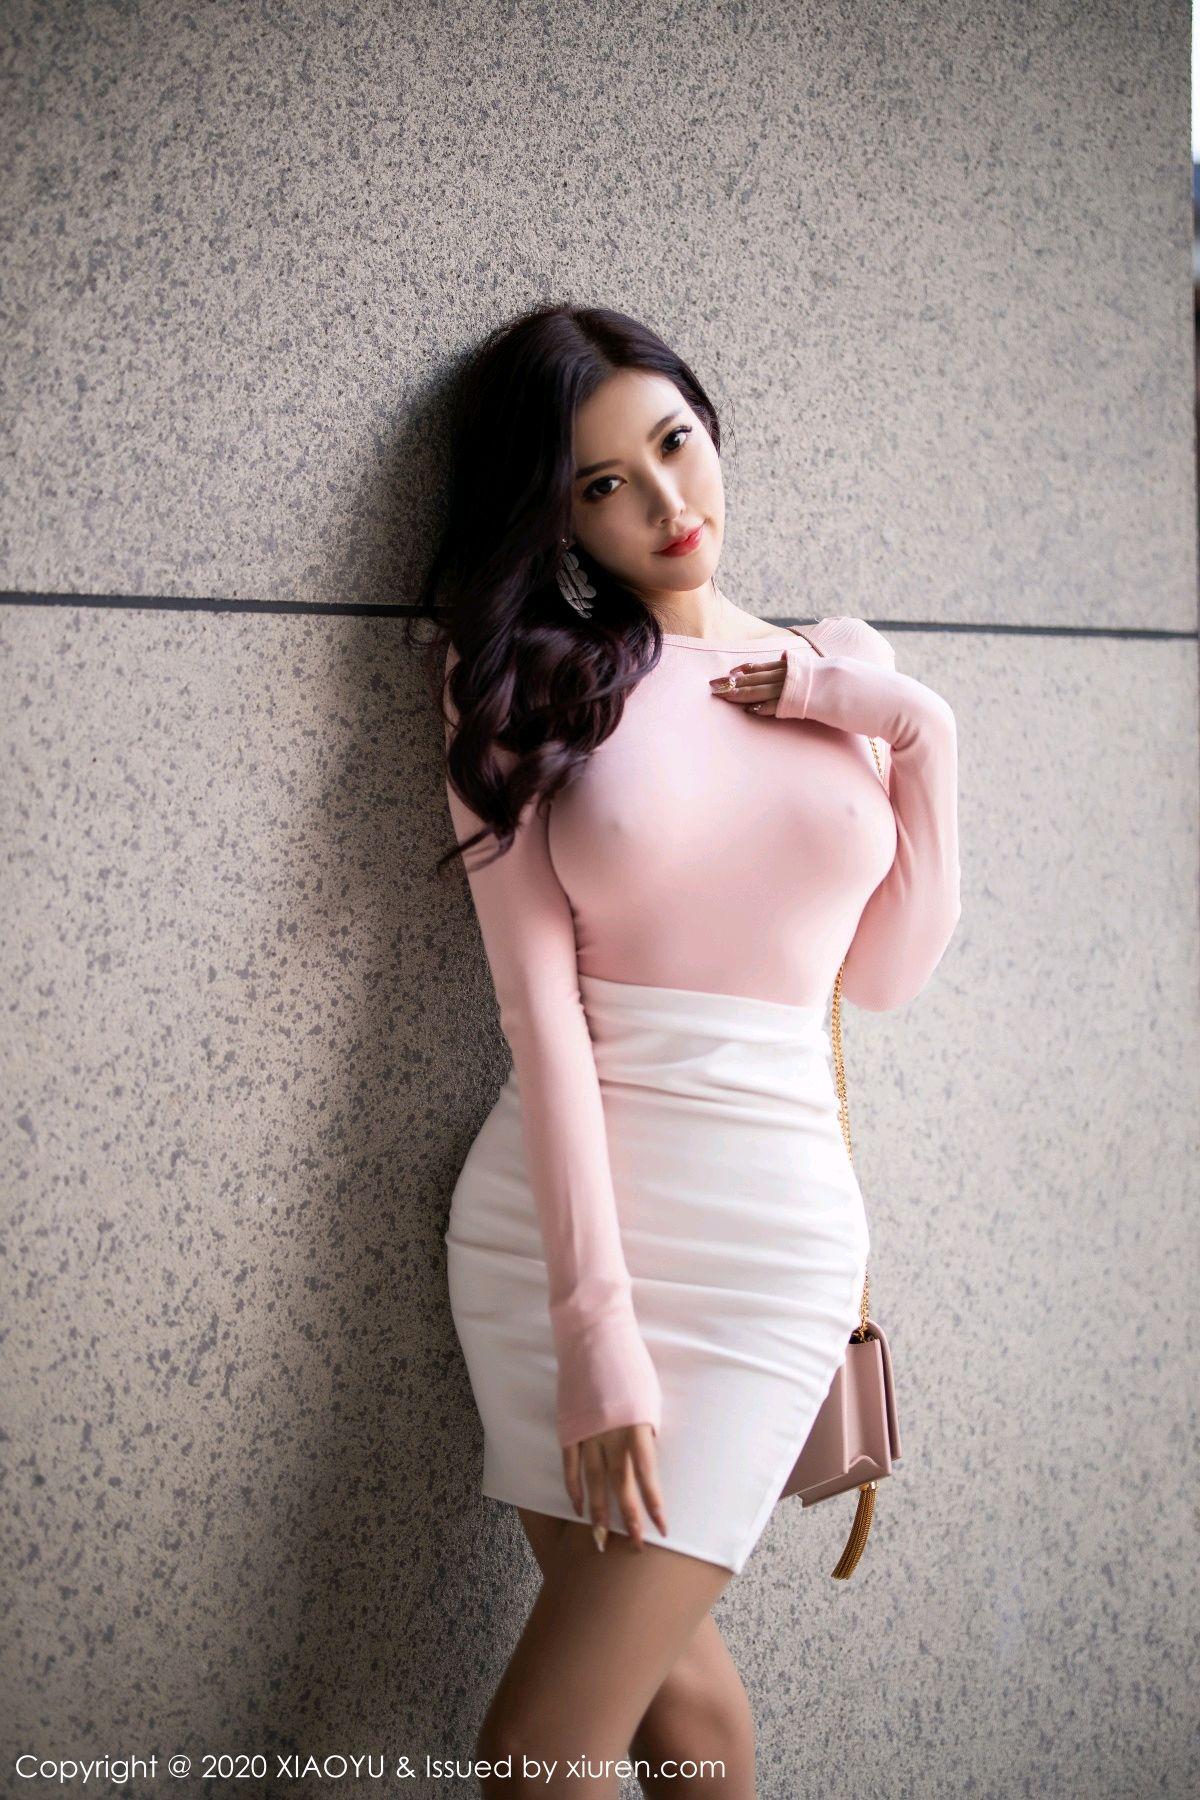 [XiaoYu] Vol.310 Yang Chen Chen 54P, Street, XiaoYu, Yang Chen Chen